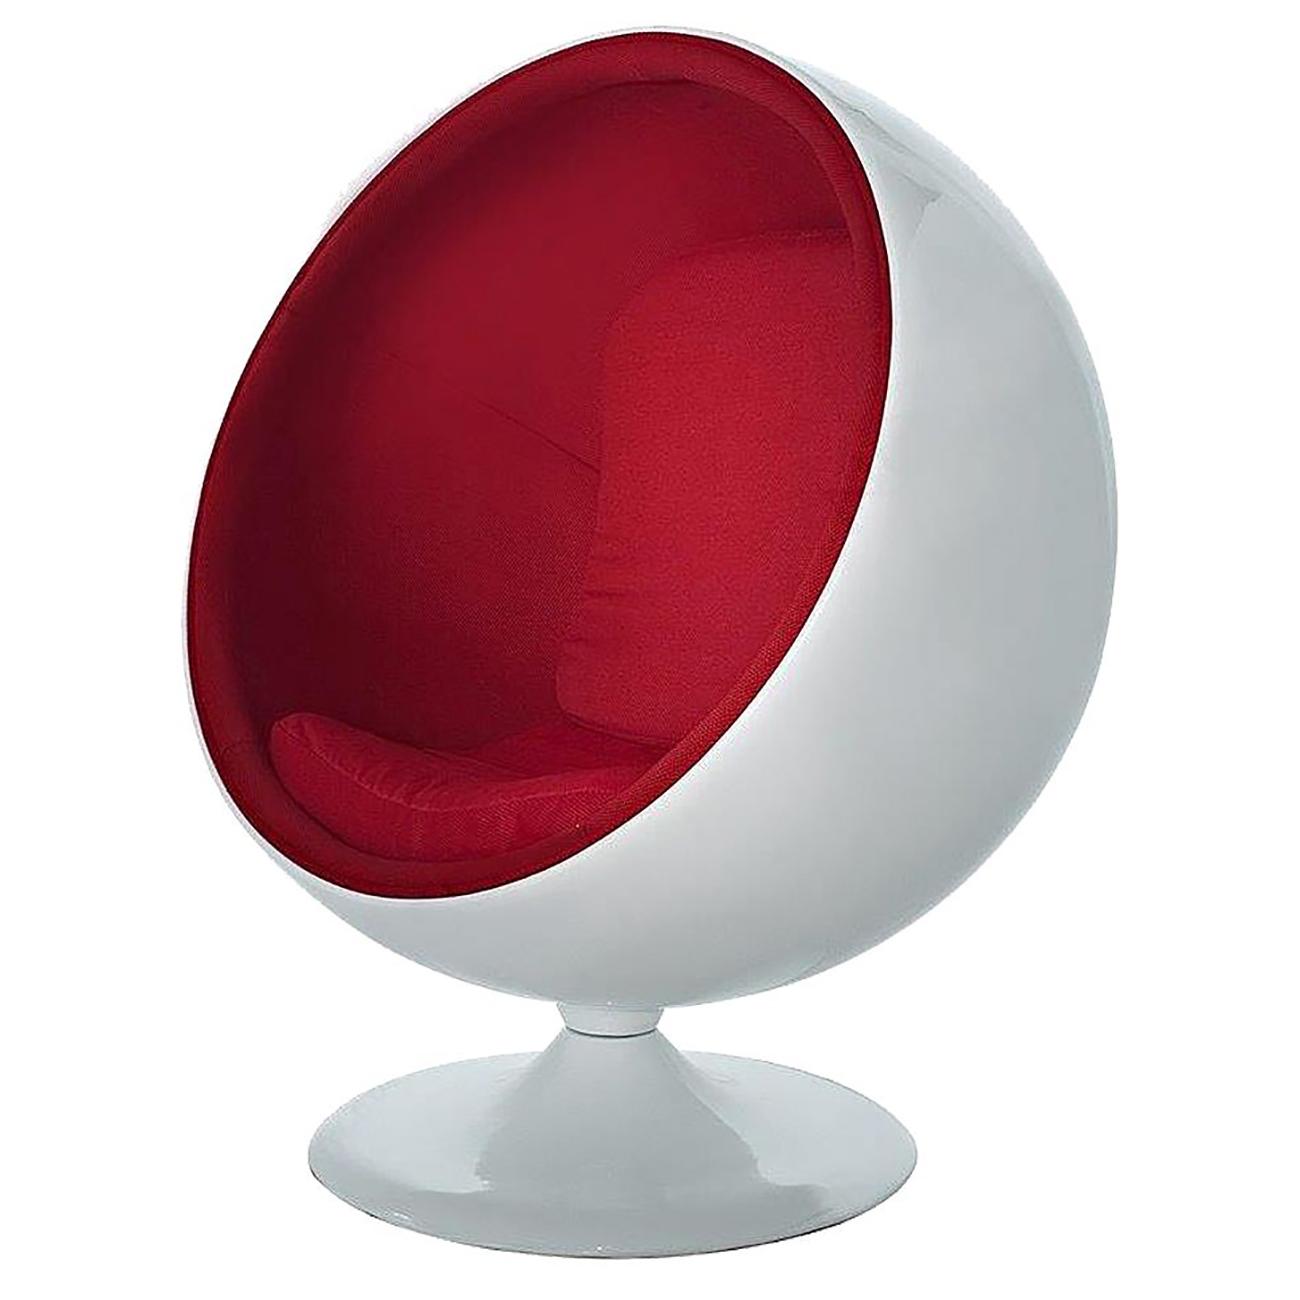 Купить Кресло Eero Ball Chair Бело-красное Шерсть в интернет магазине дизайнерской мебели и аксессуаров для дома и дачи